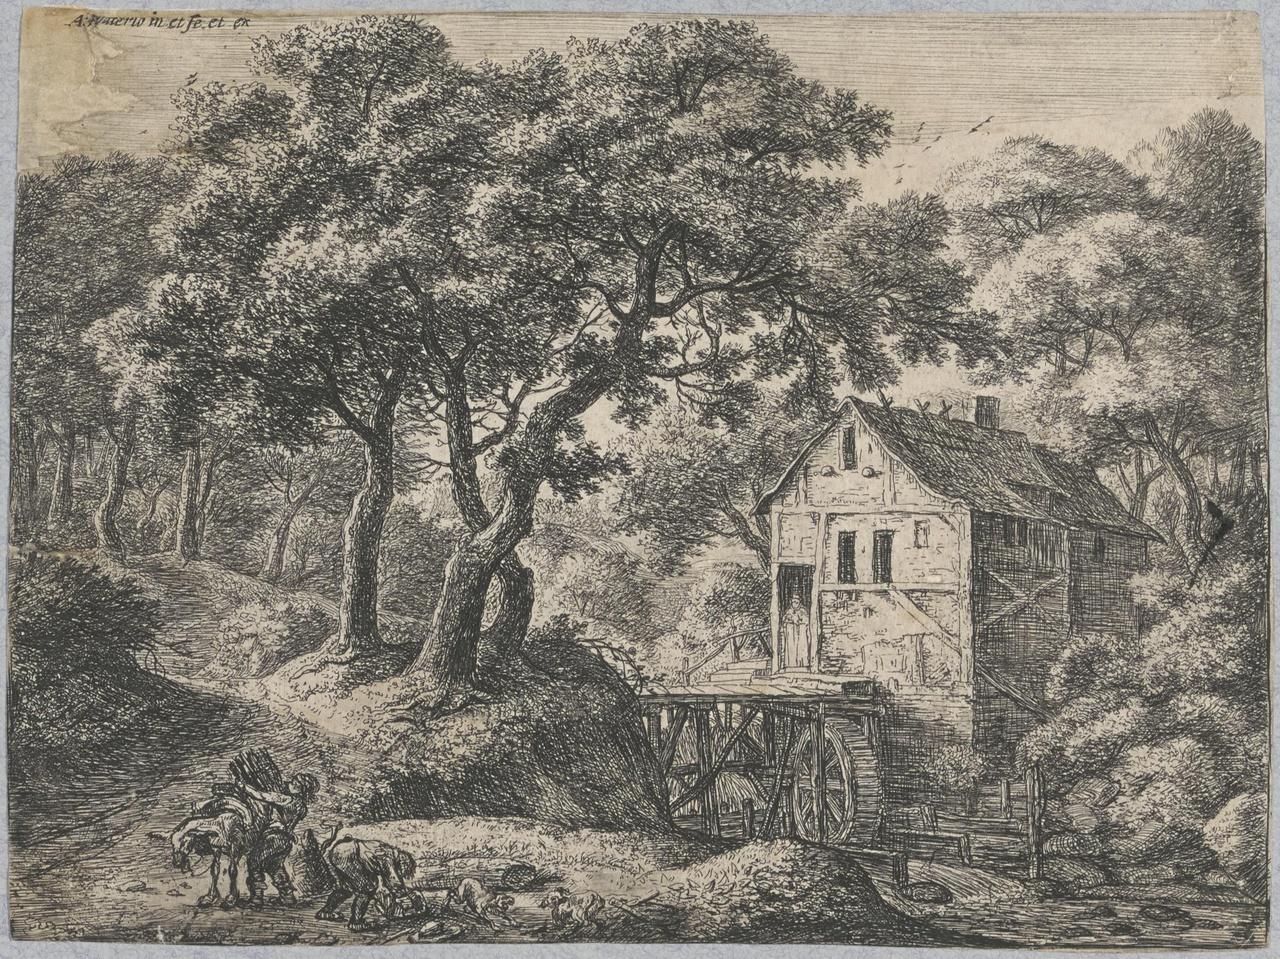 De molen in het bos